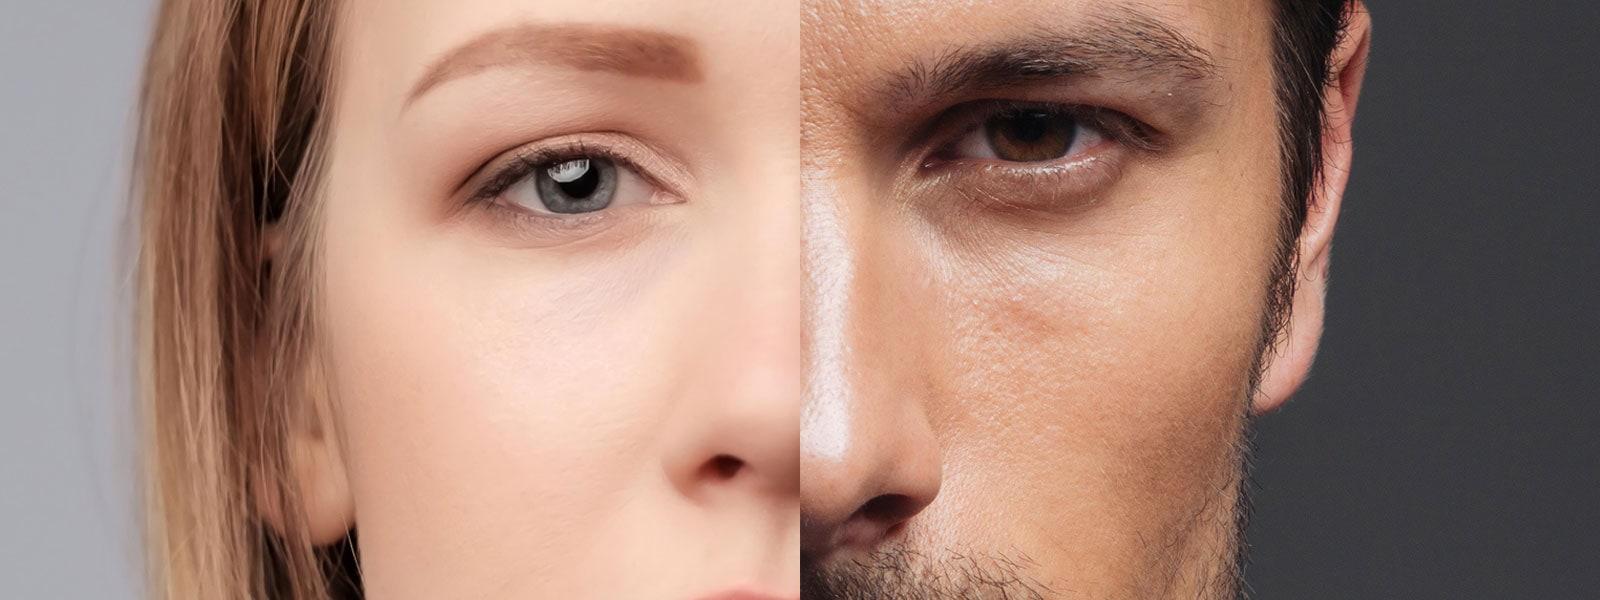 Comparatif homme femme tiers moyen du visage